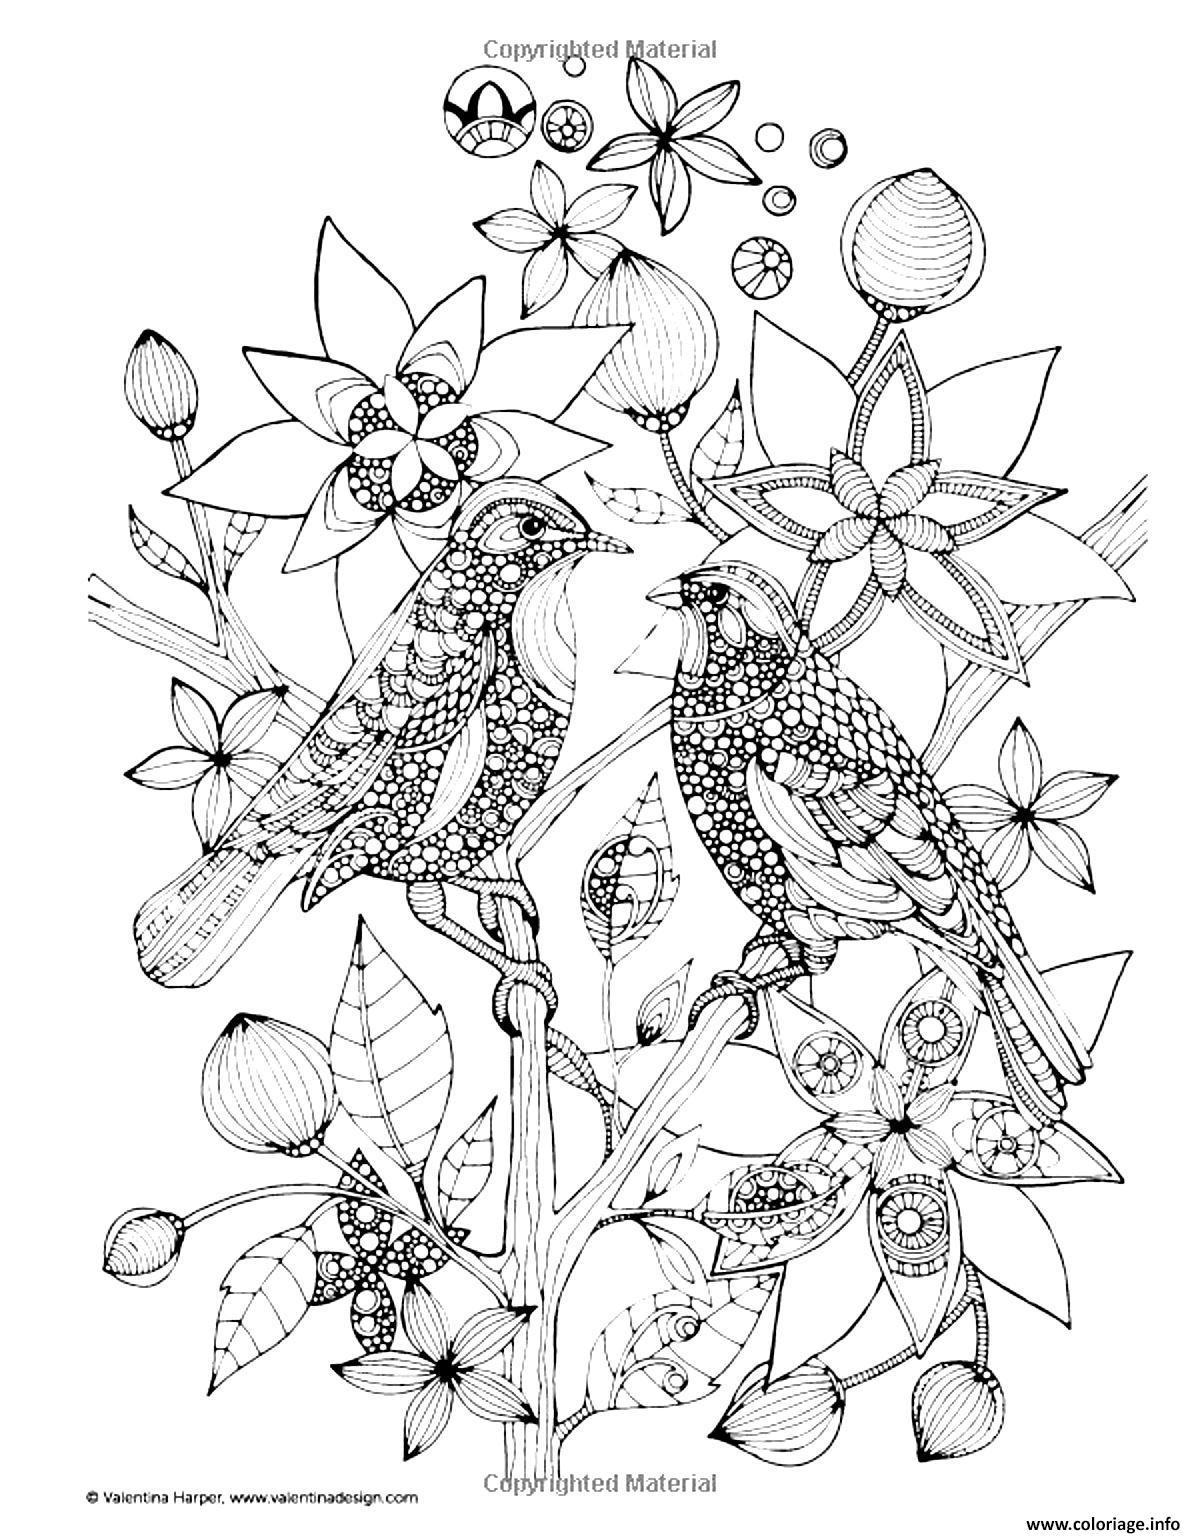 Coloriage Adulte Deux Oiseaux Sur Une Branche Dessin